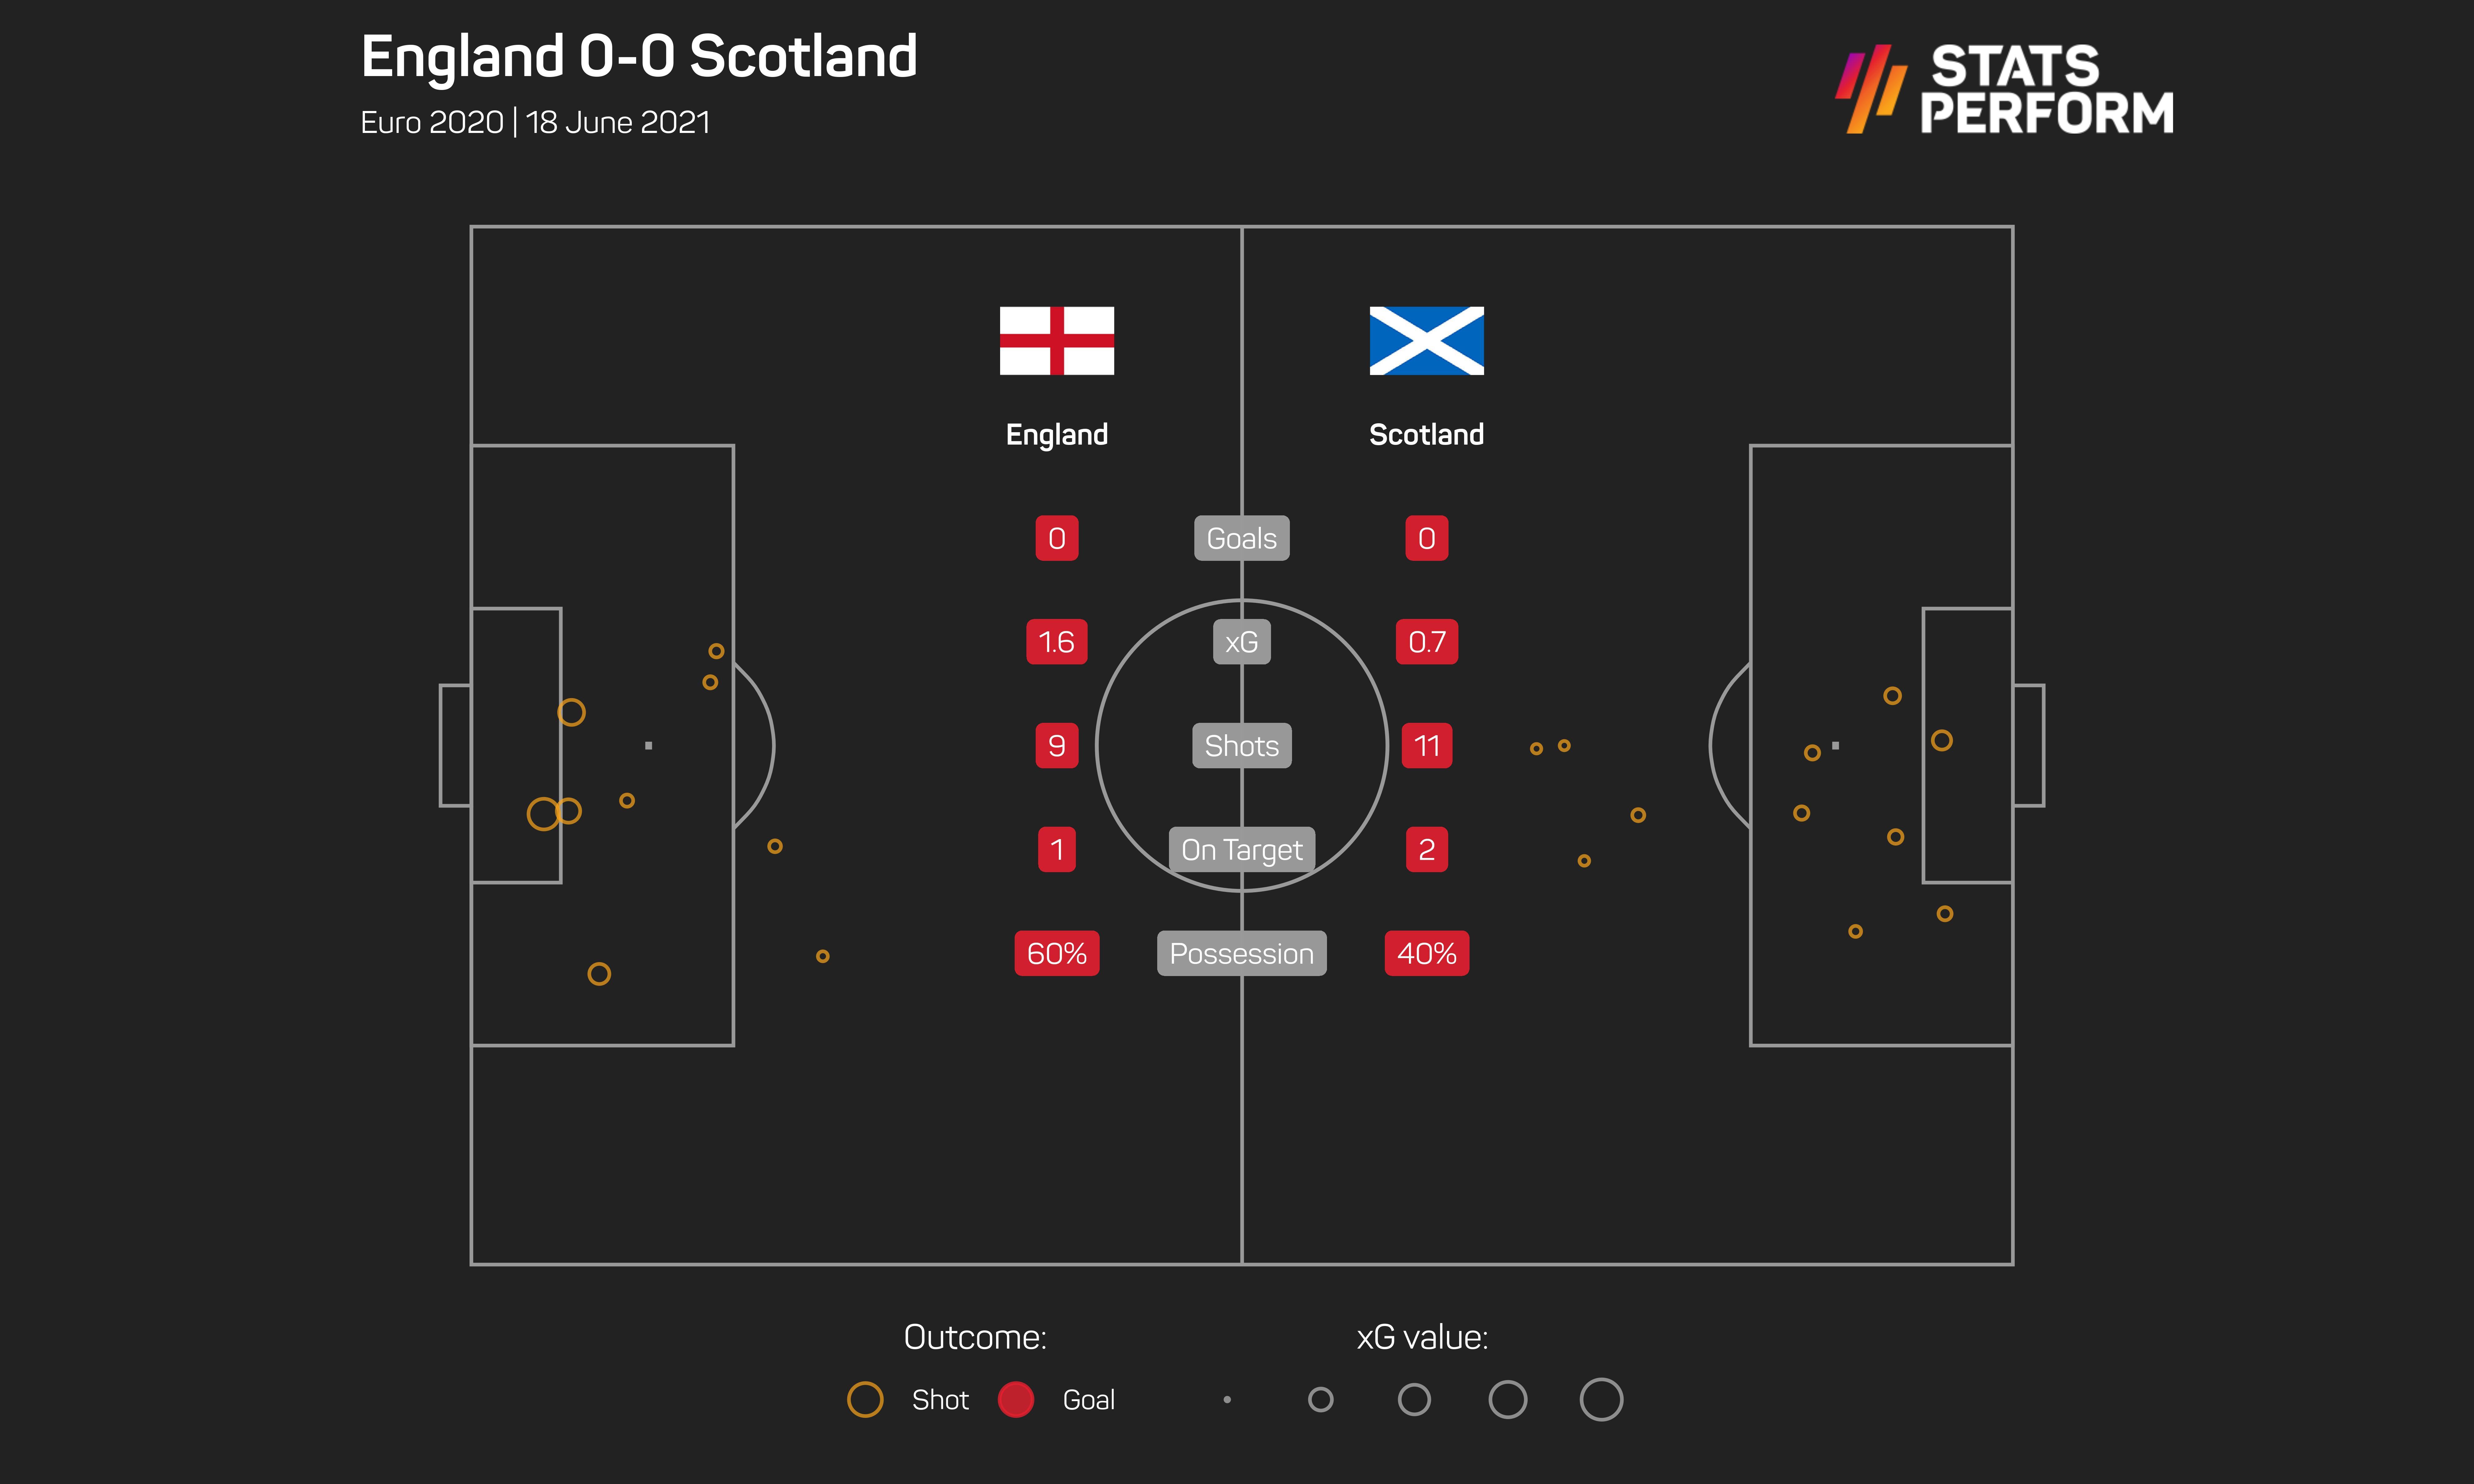 England 0-0 Scotland